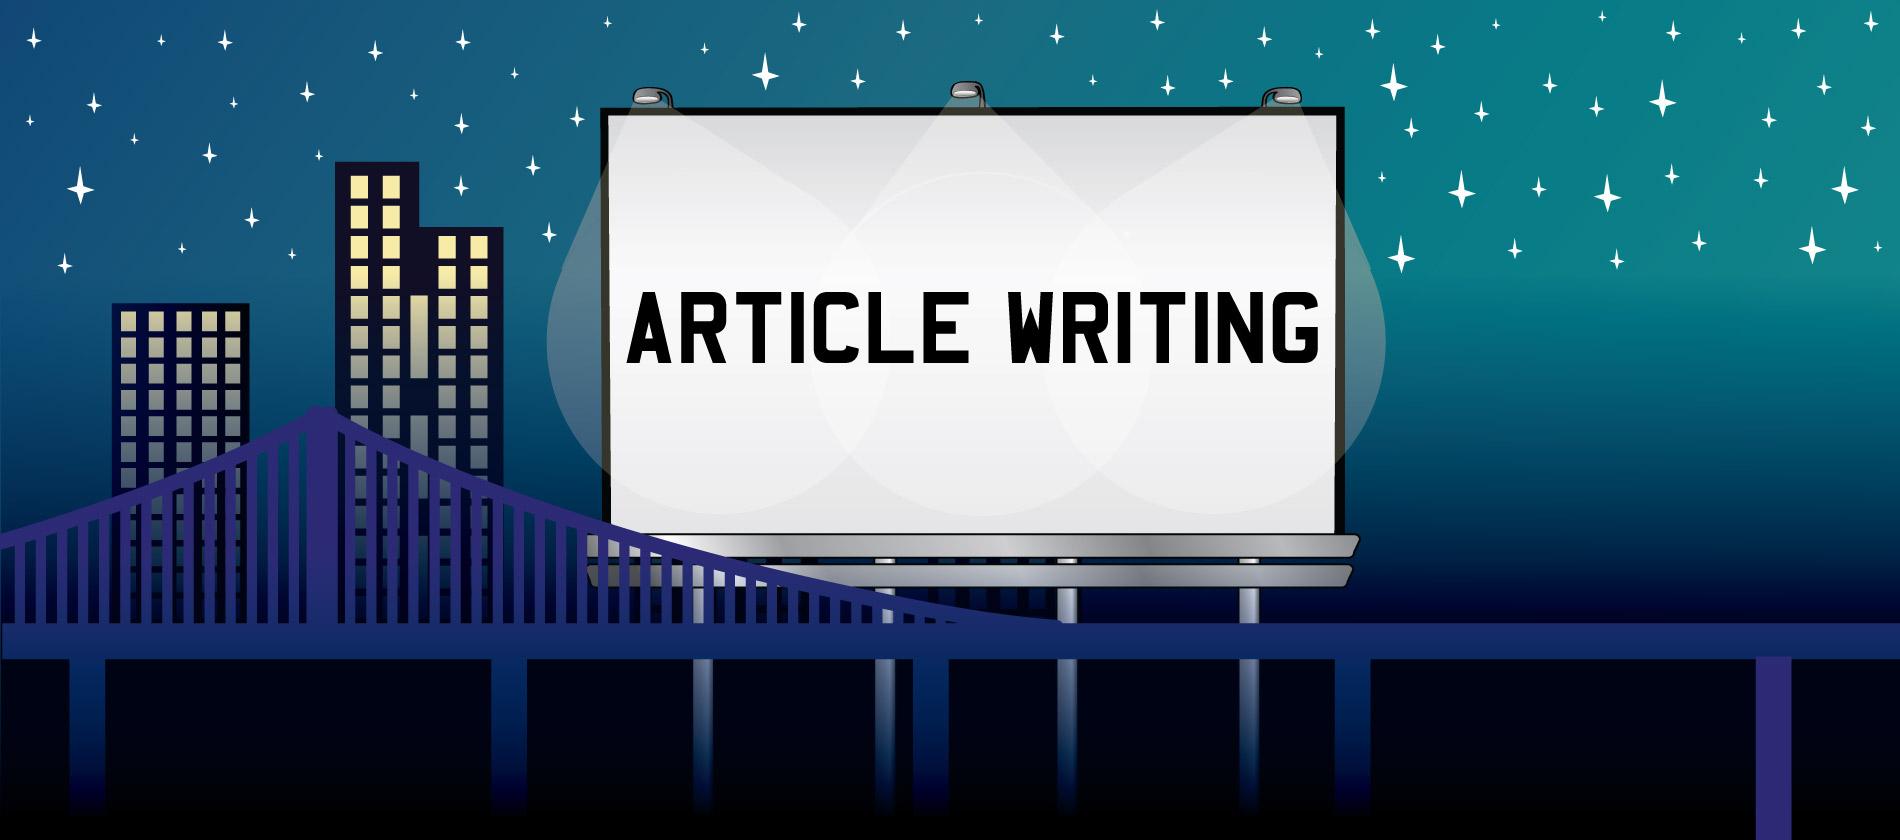 Superb 500 words unique article content